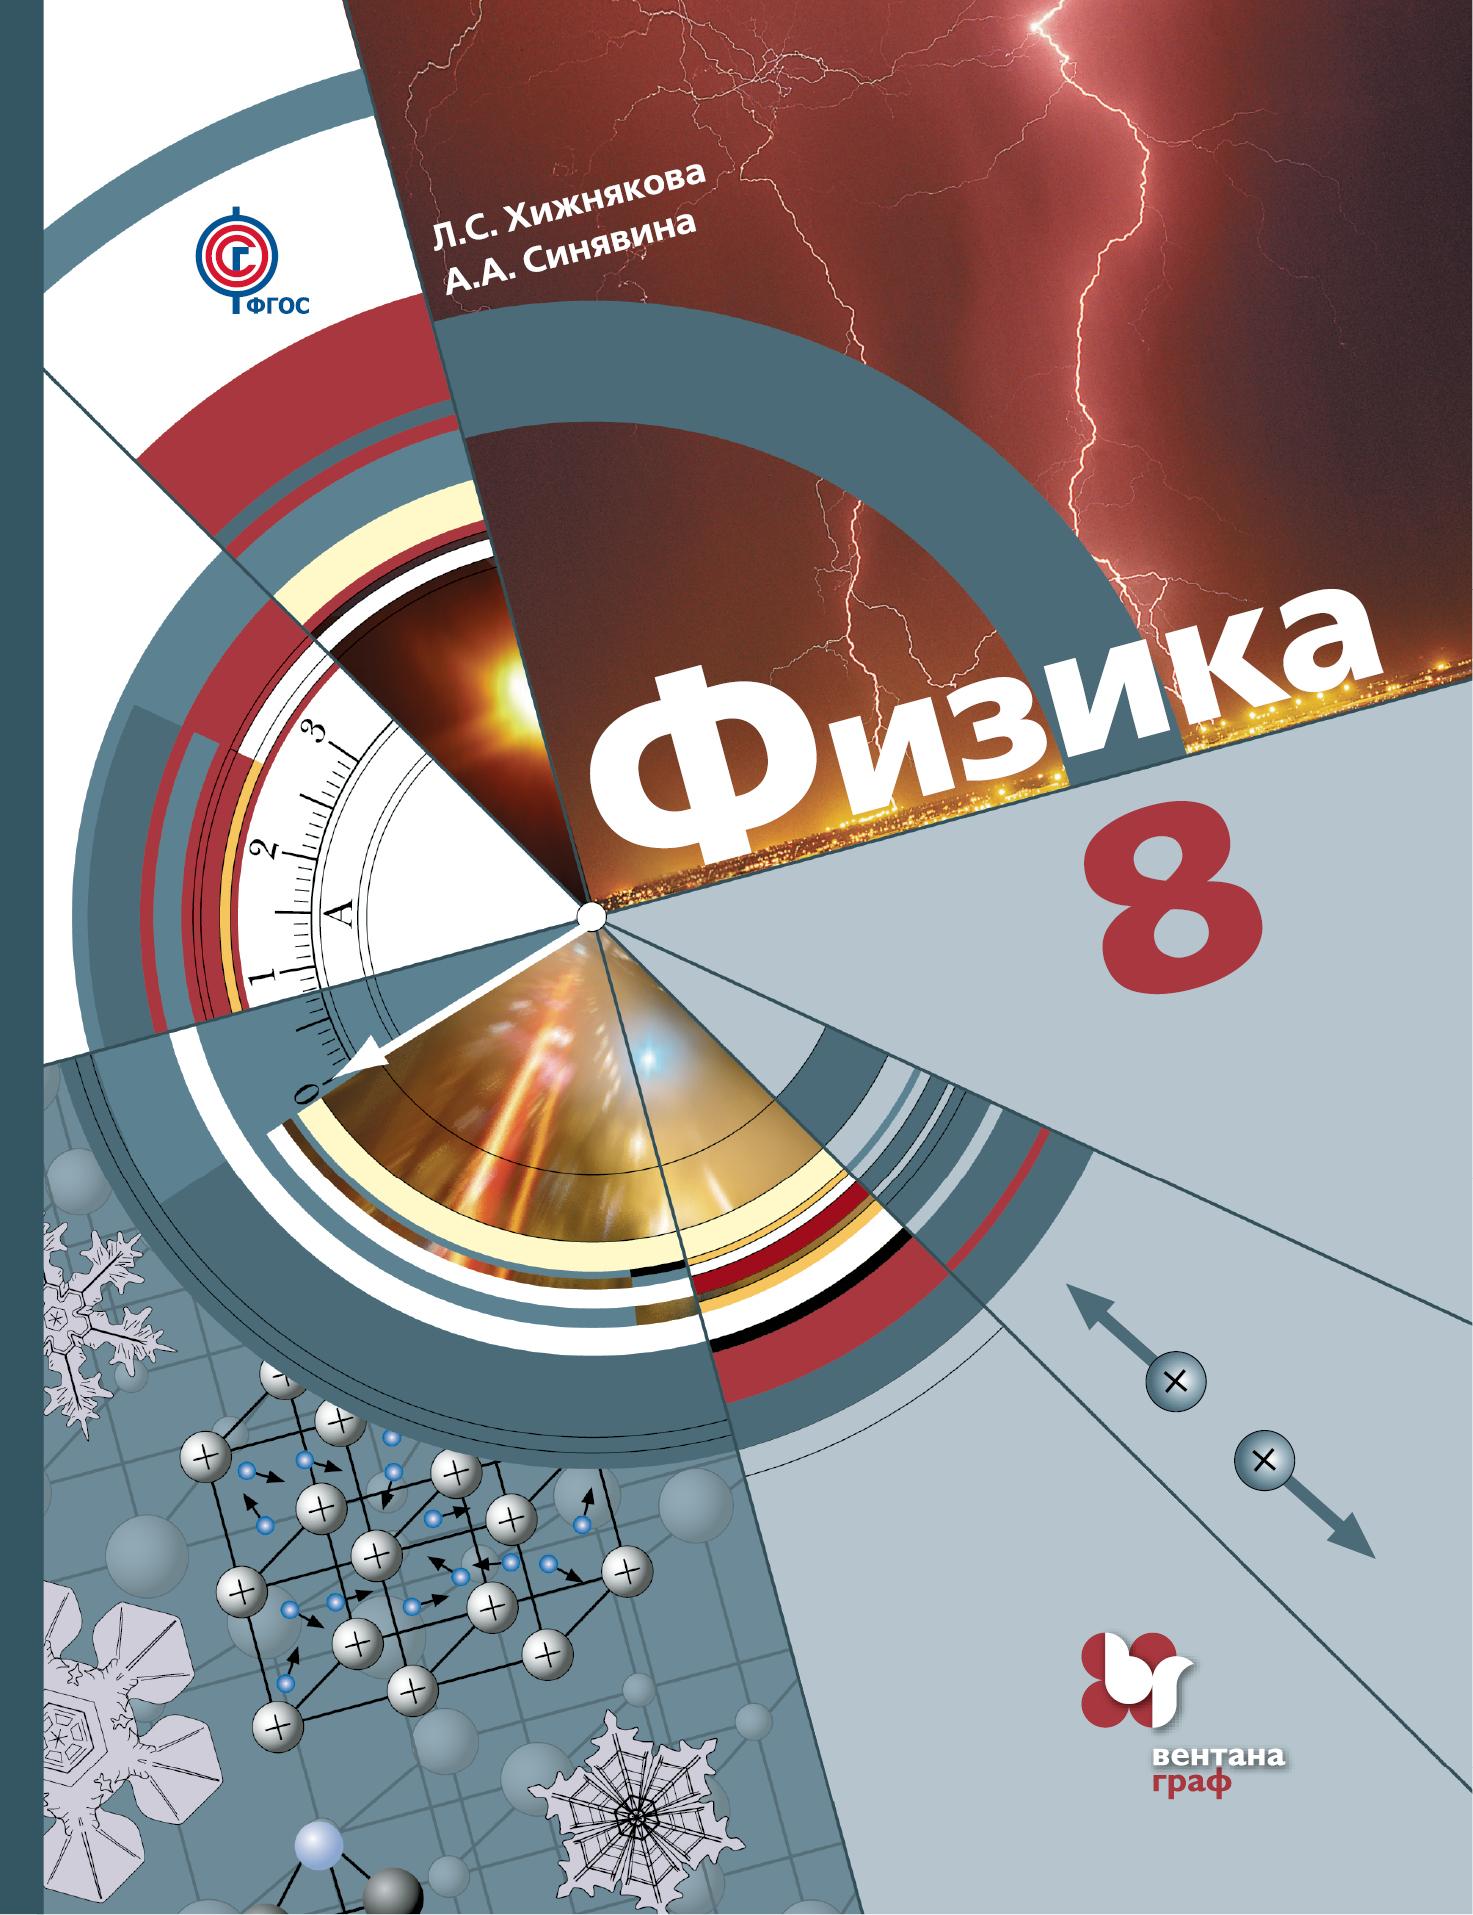 Л. С. Хижнякова, А. А. Синявина Физика. 8класс. Учебник хижнякова л с синявина а а физика 9класс учебник